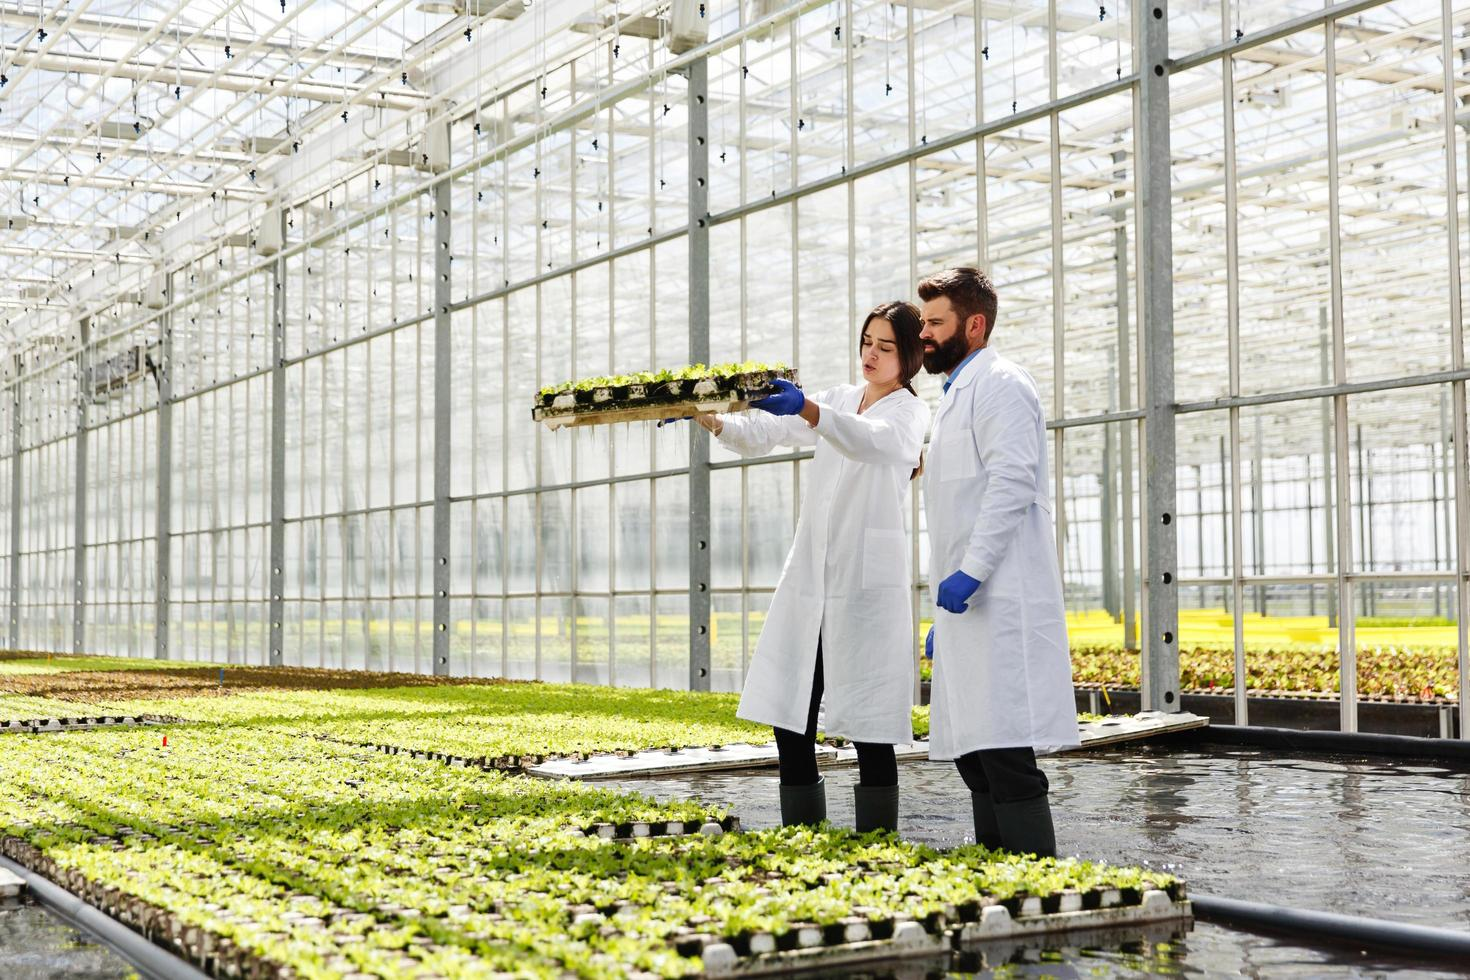 uomo e donna in abiti da laboratorio lavorano con piante in una serra foto